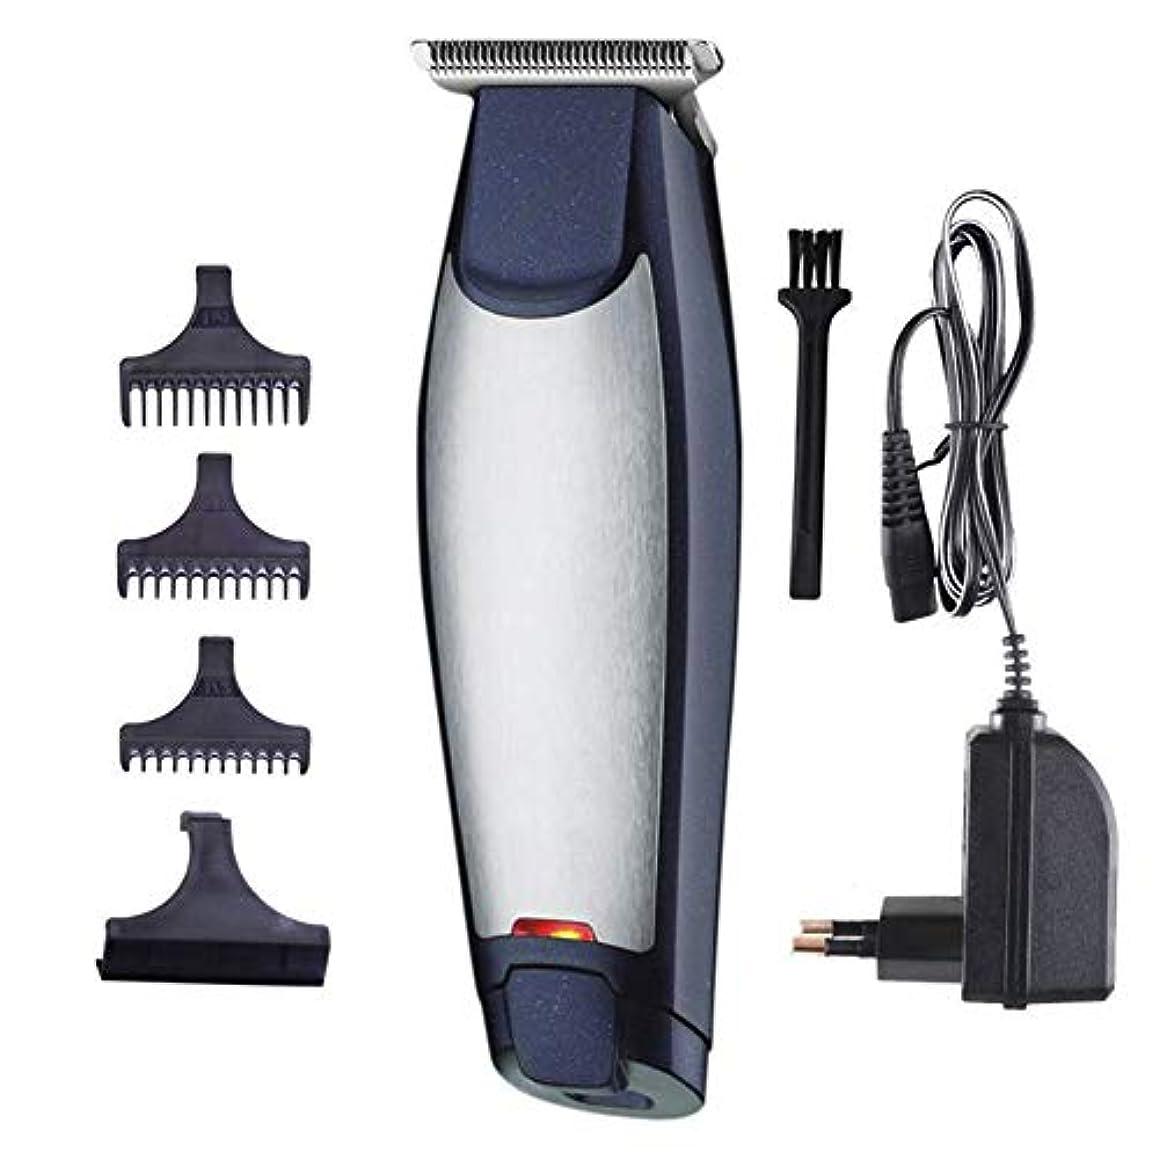 モンゴメリー飽和するチャーミングバリカンヘアひげトリマー充電式電気かみそり男性コードレスヘアカッティングマシン付き櫛理髪師マシン散髪キット